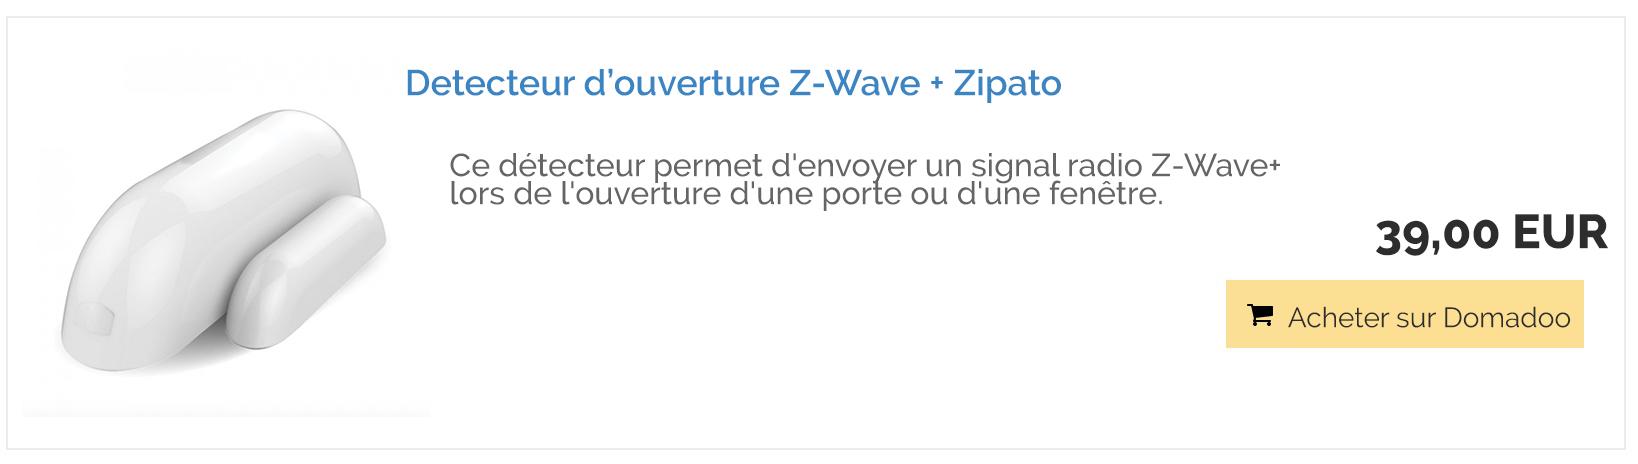 zipato-zwave-detecteur-ouverture